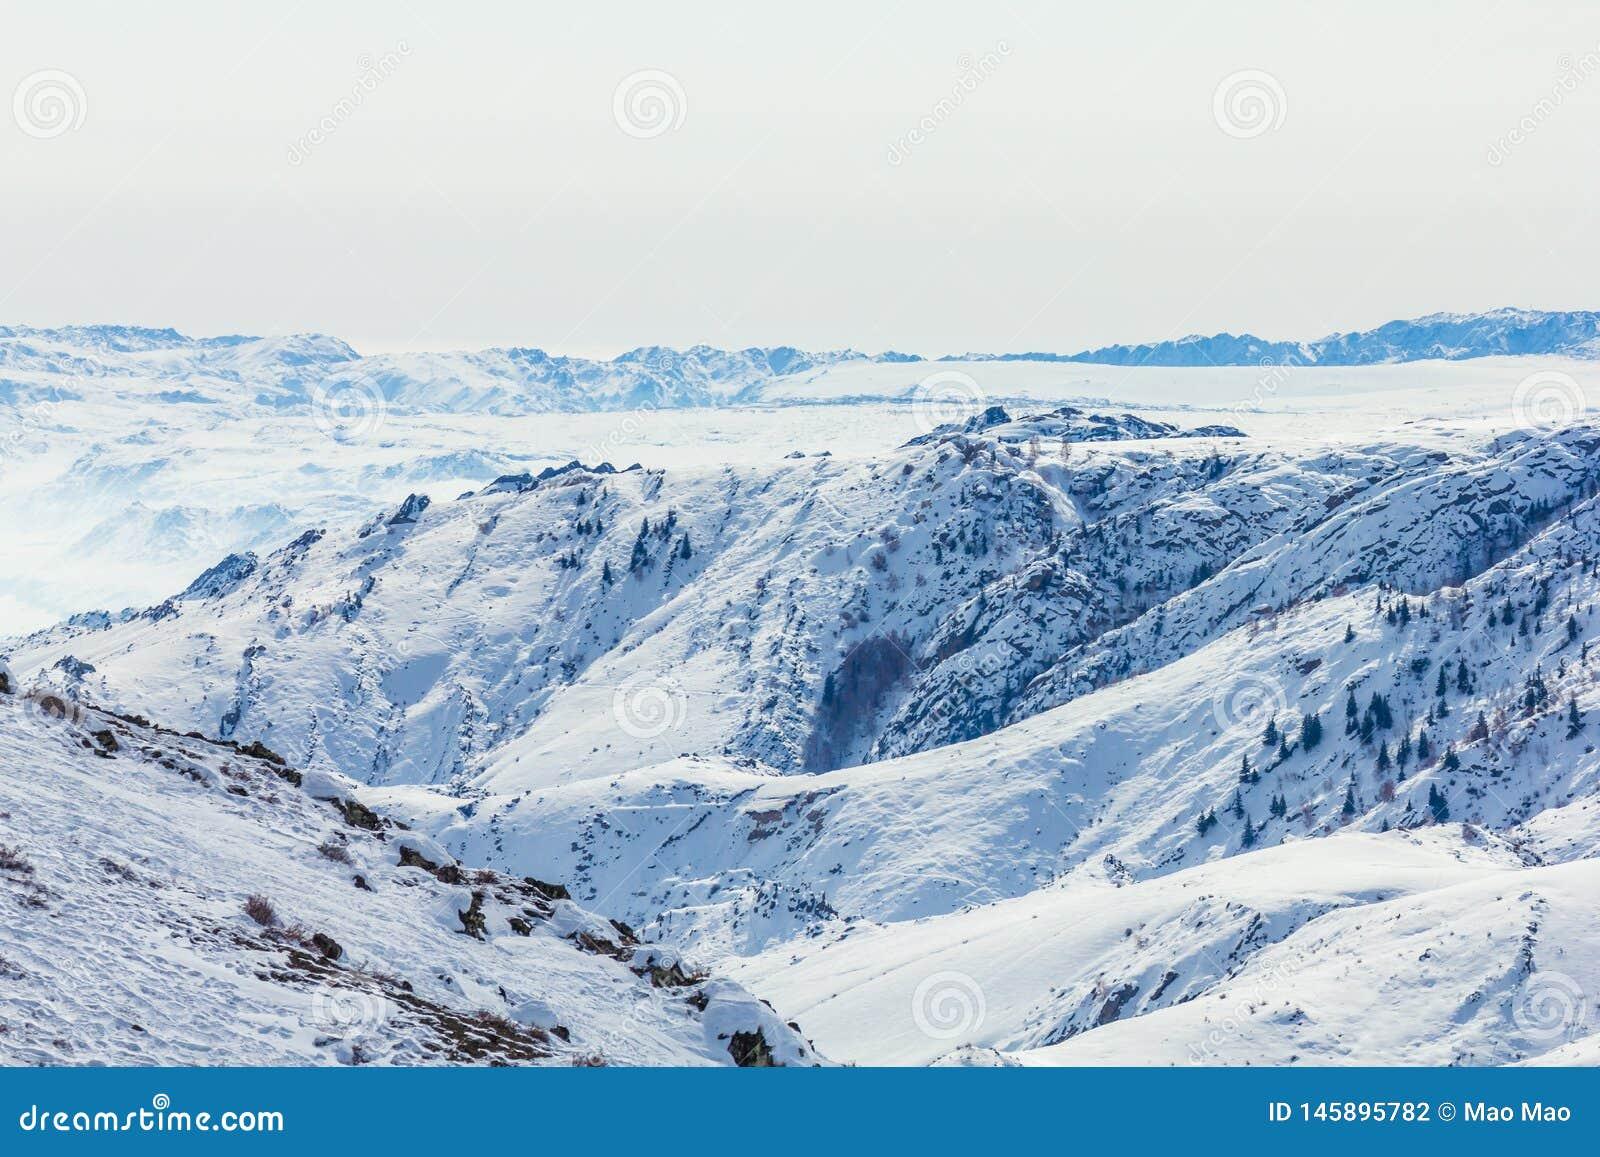 Sneeuwbos in de winter Het snow-covered Gongnaisi-bos in de winter